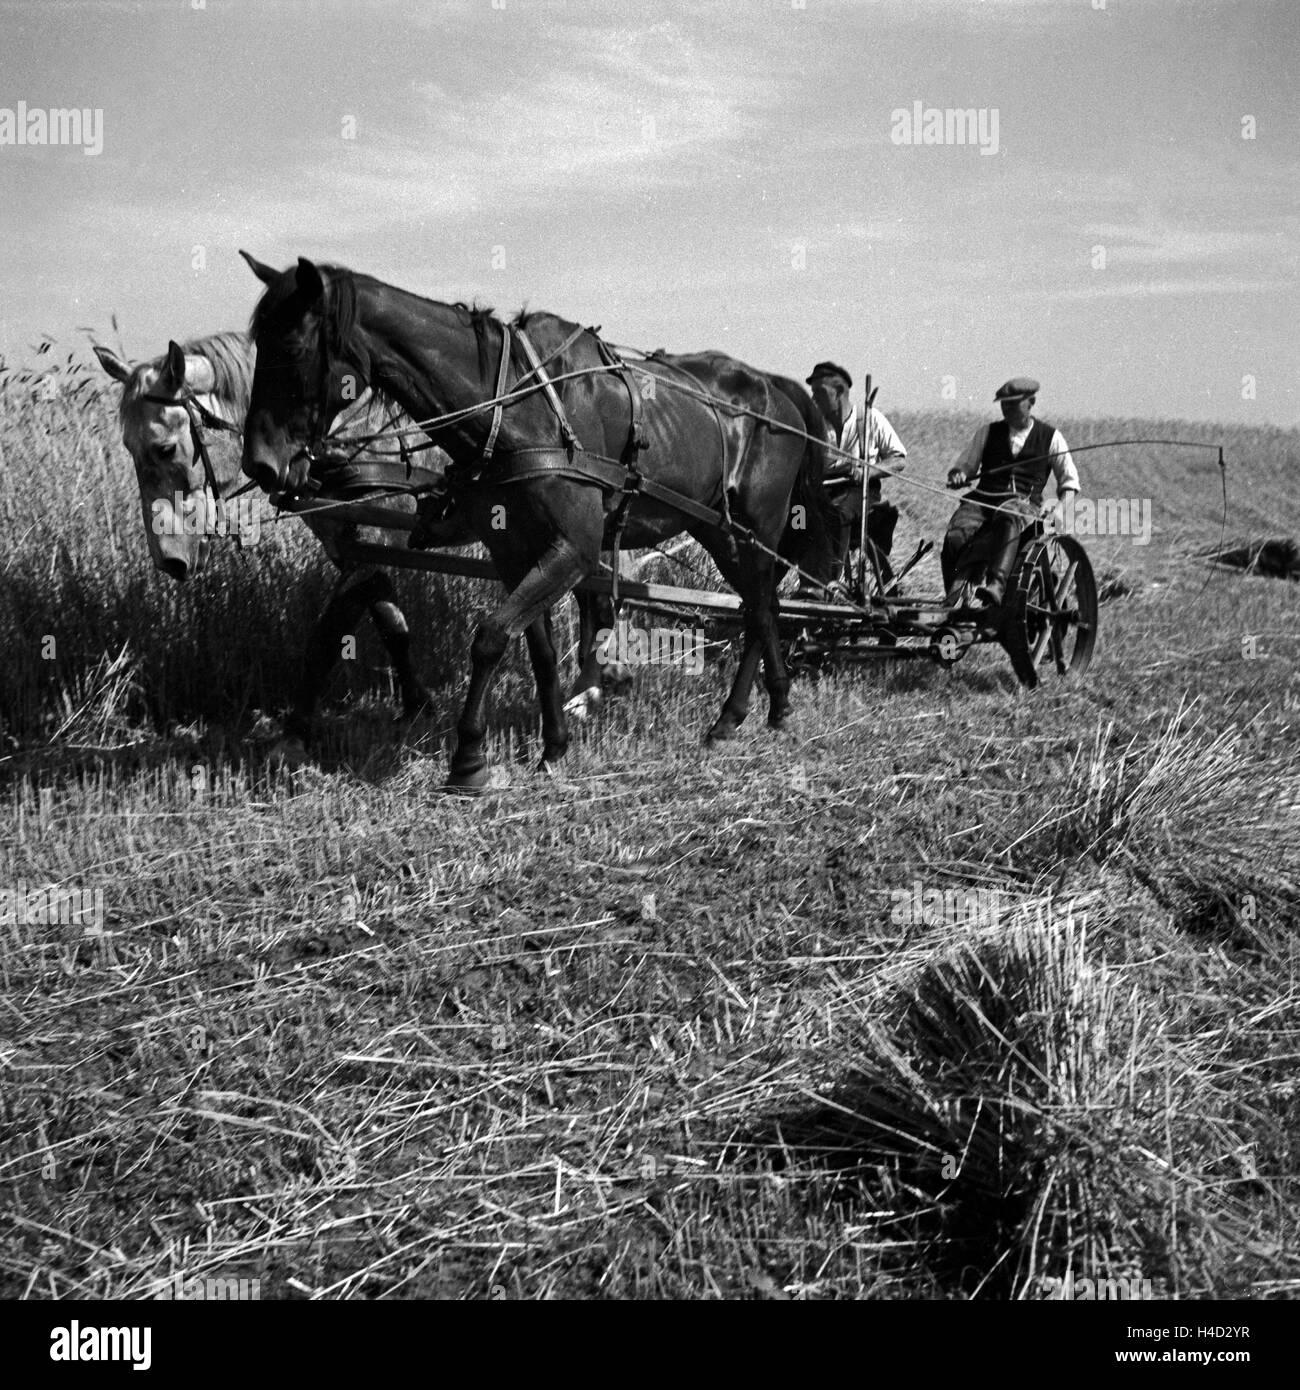 Getreideernte im Altmühltal, Deutschland 1930er Jahre. Cereal harvest at Altmuehltal valley, Germany 1930s. - Stock Image